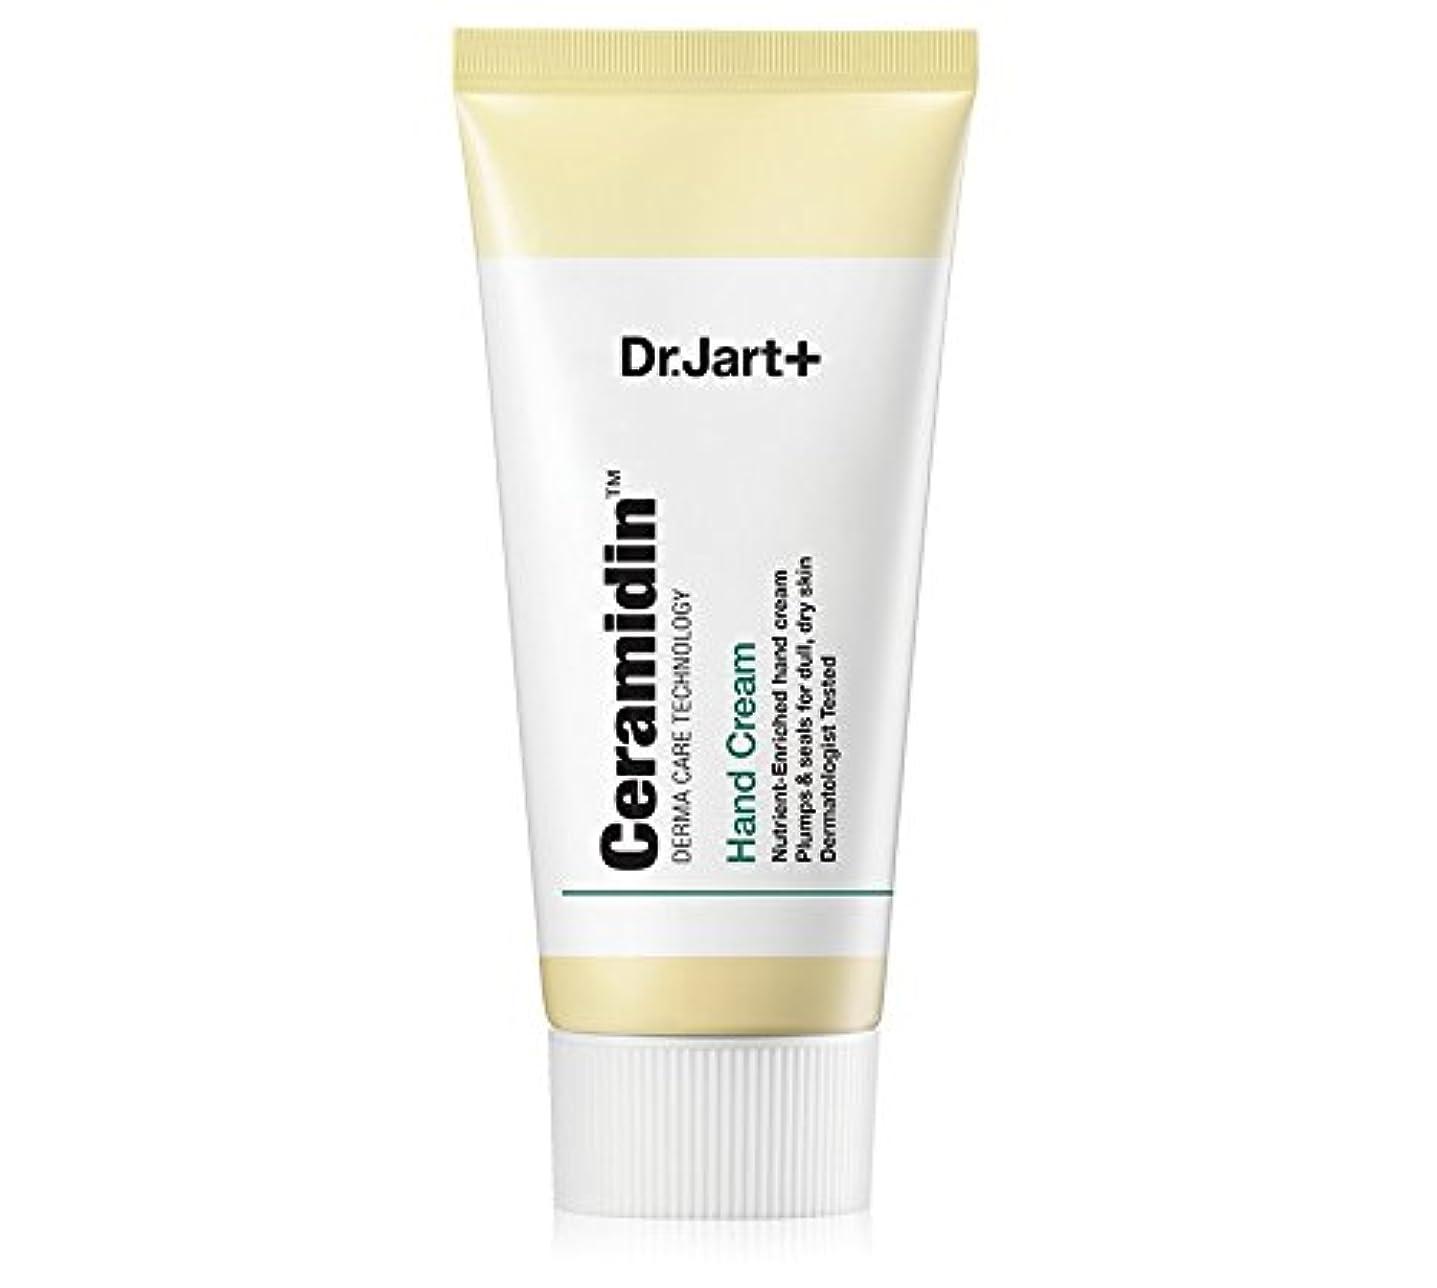 疑問を超えて一時的内なる[Dr.Jart+] セラマイディンハンドクリーム / Ceramidin Hand Cream 50ml [並行輸入品]